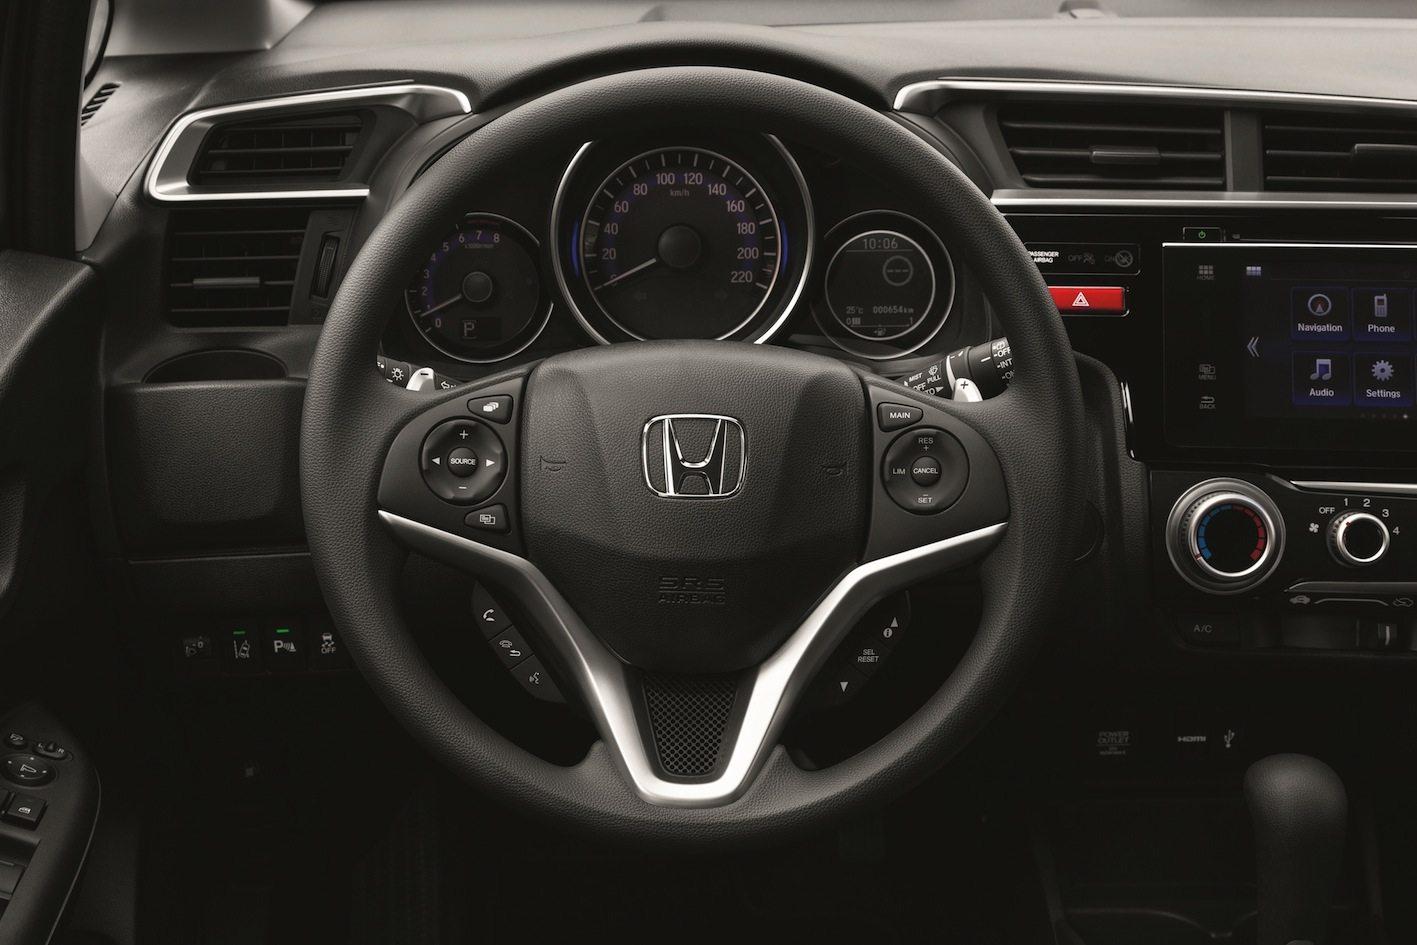 Honda Jazz 13 Prova Su Strada A Tutto Spazio